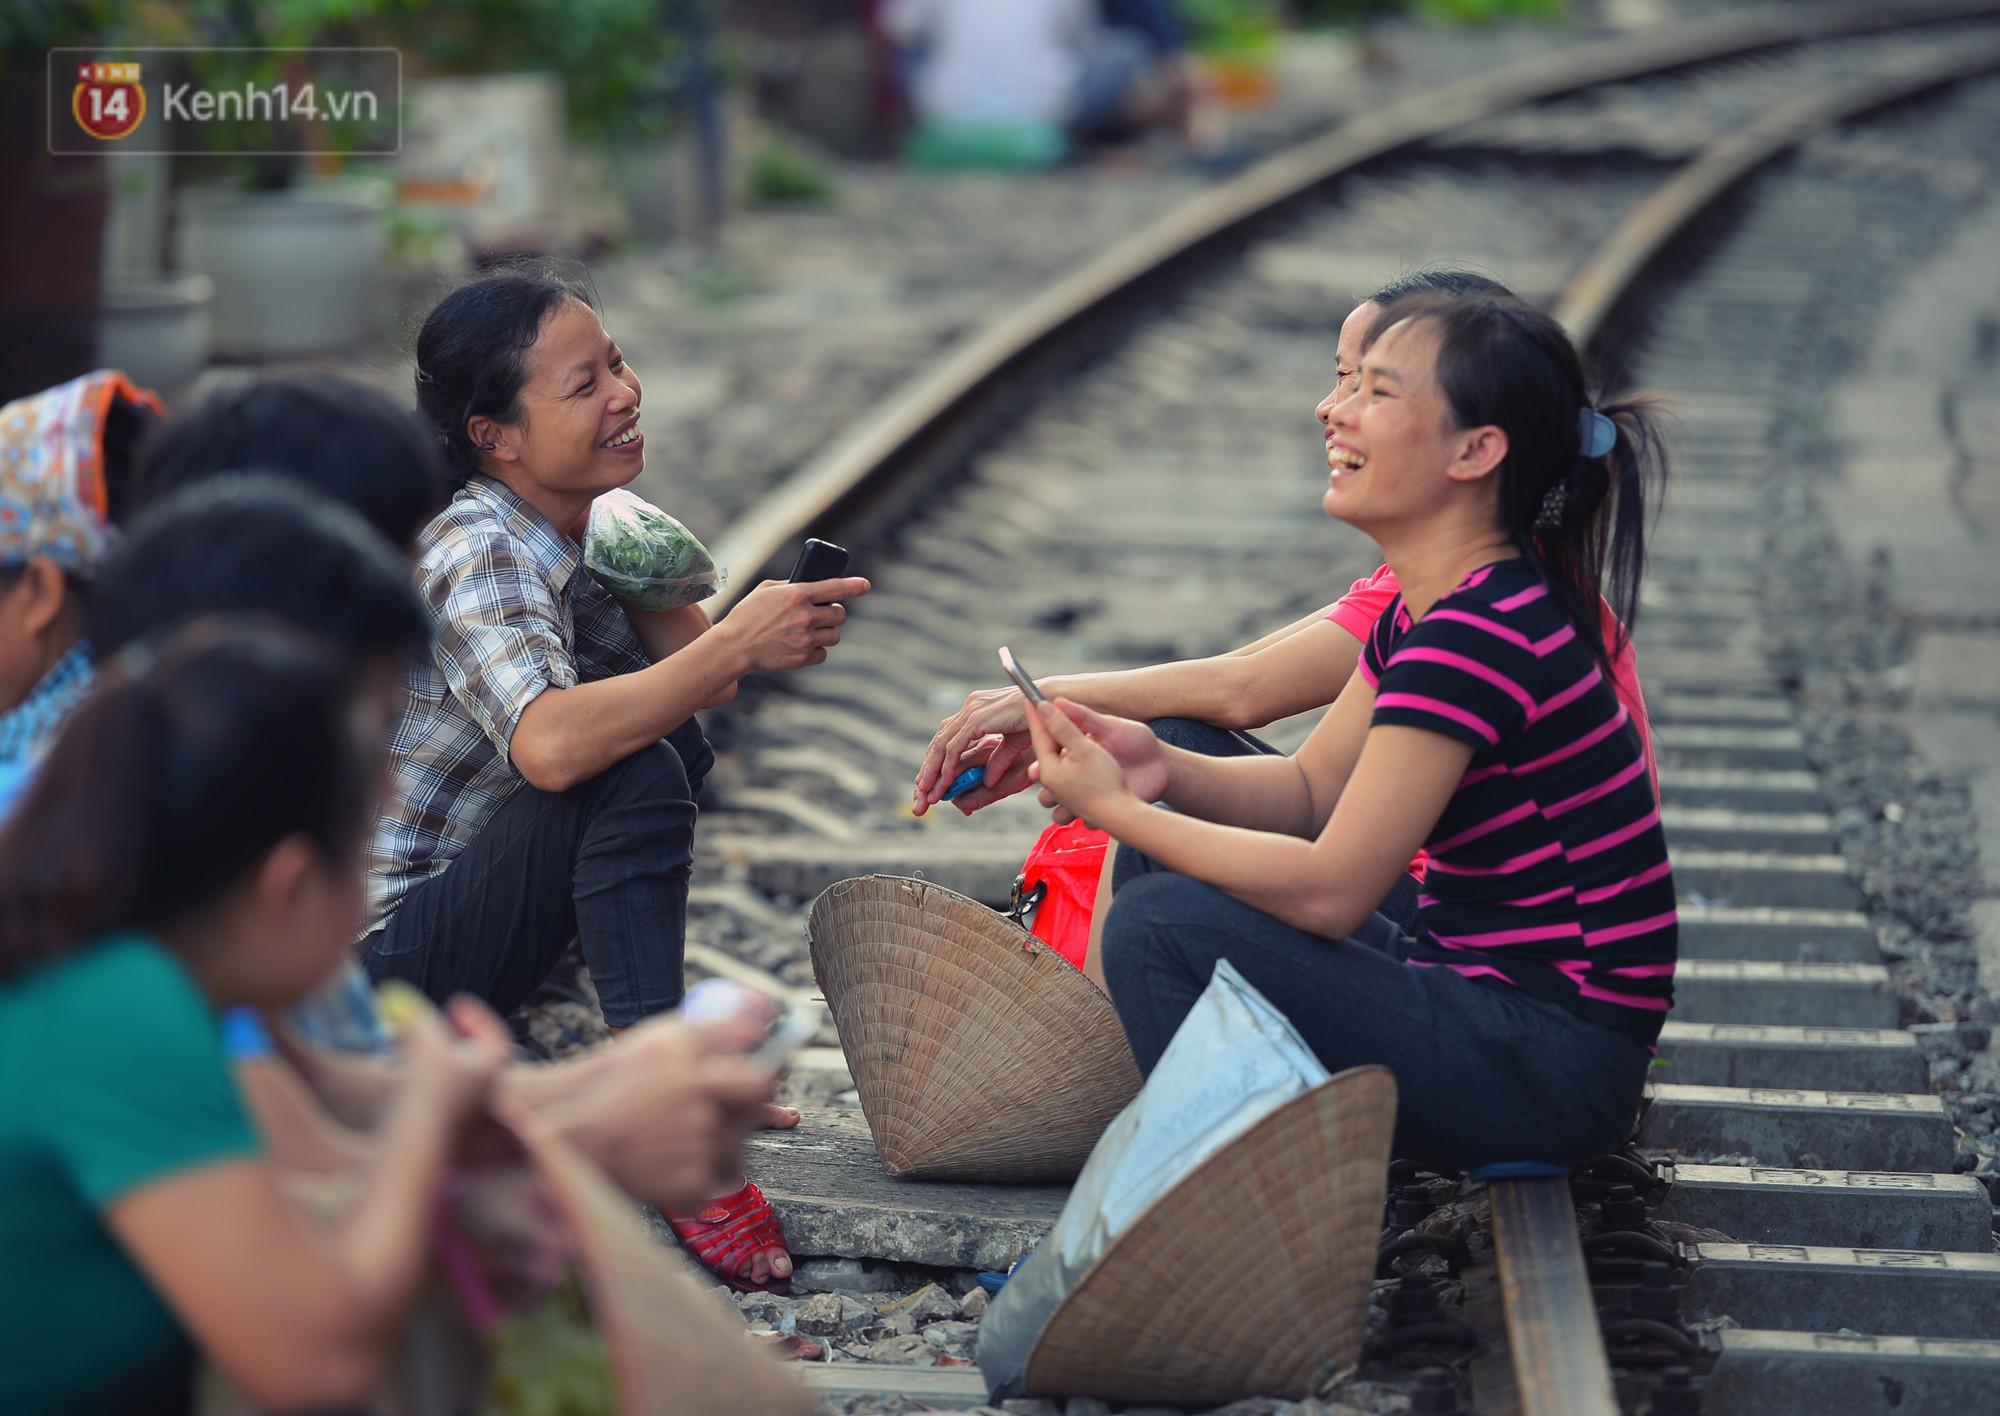 Hà Nội: Xóm đường tàu đẹp không kém làng cổ Thập Phần, Đài Loan- Ảnh 11.